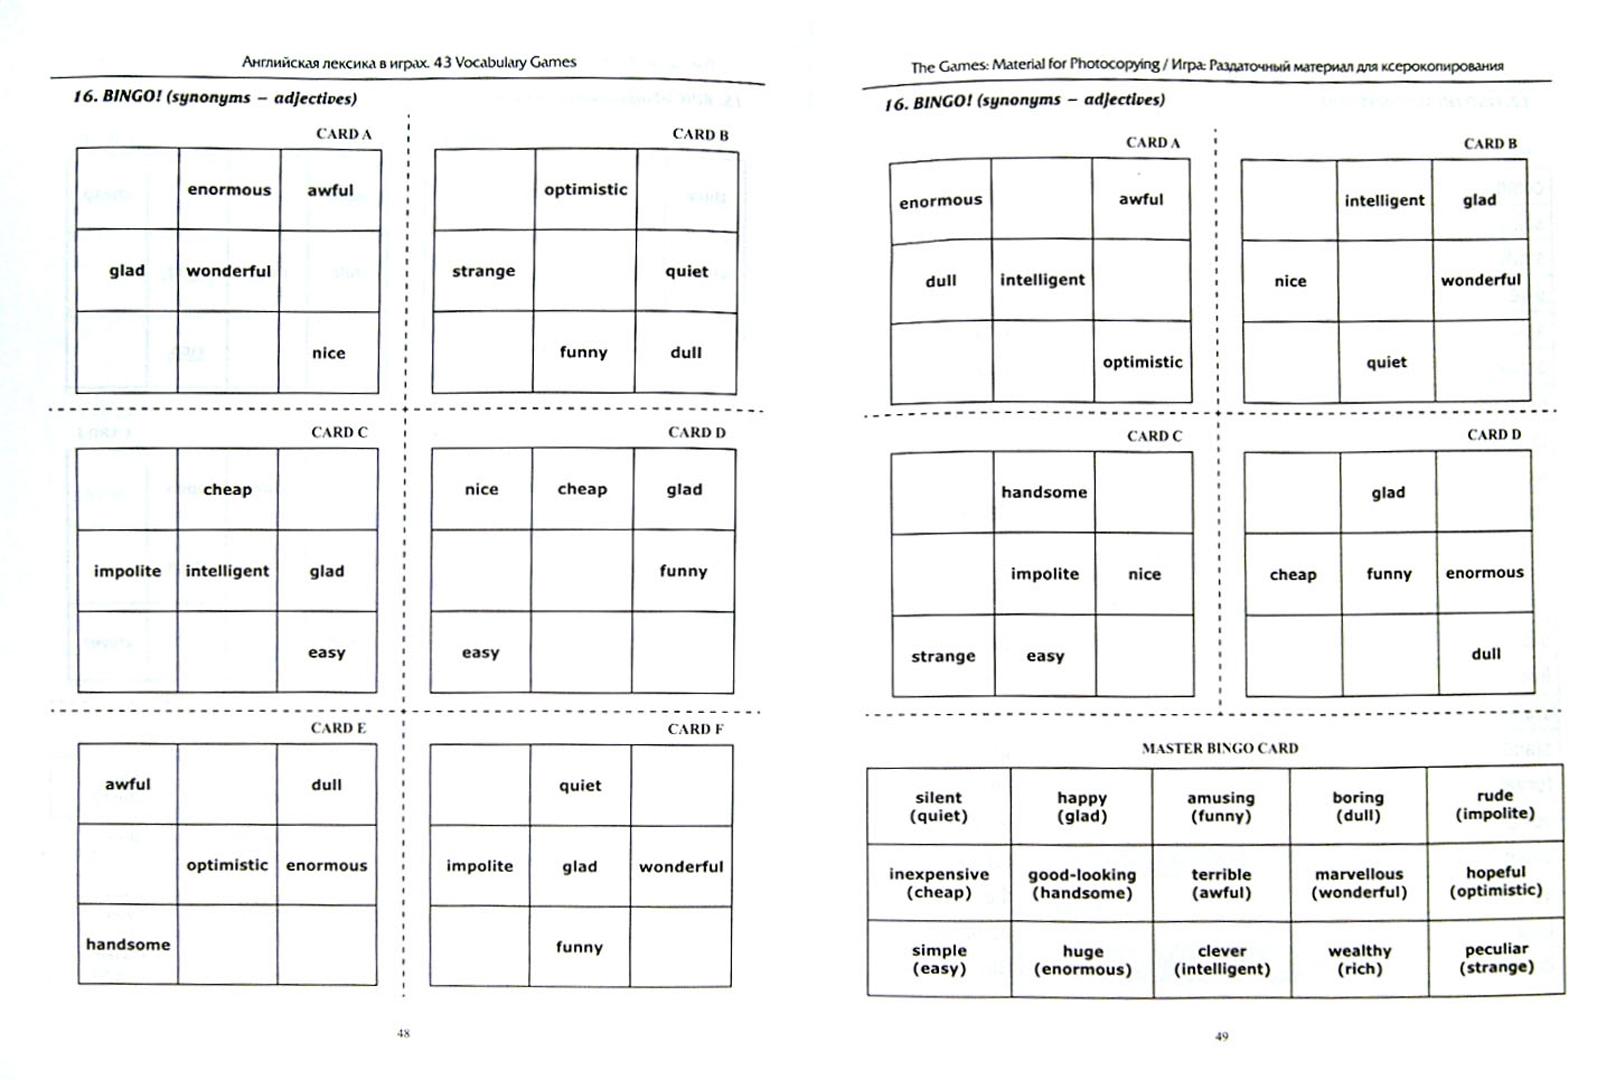 Иллюстрация 1 из 12 для Английская лексика в играх. 43 Vocabulary Games - Татьяна Предко | Лабиринт - книги. Источник: Лабиринт